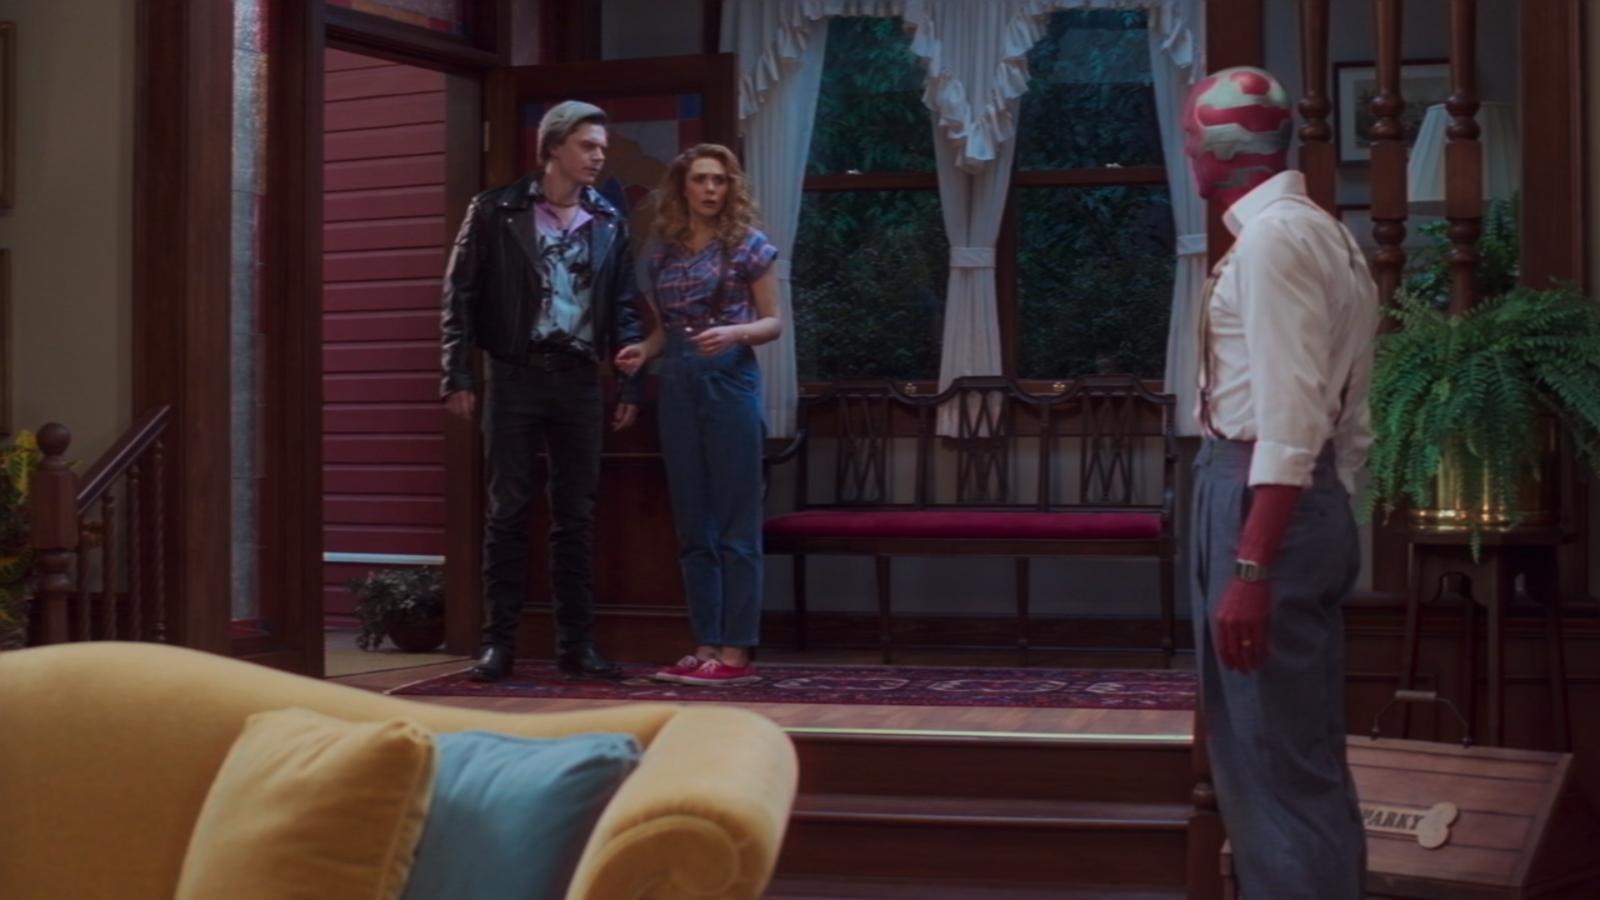 Quicksilver arrives at Wanda's door in Wandavision.